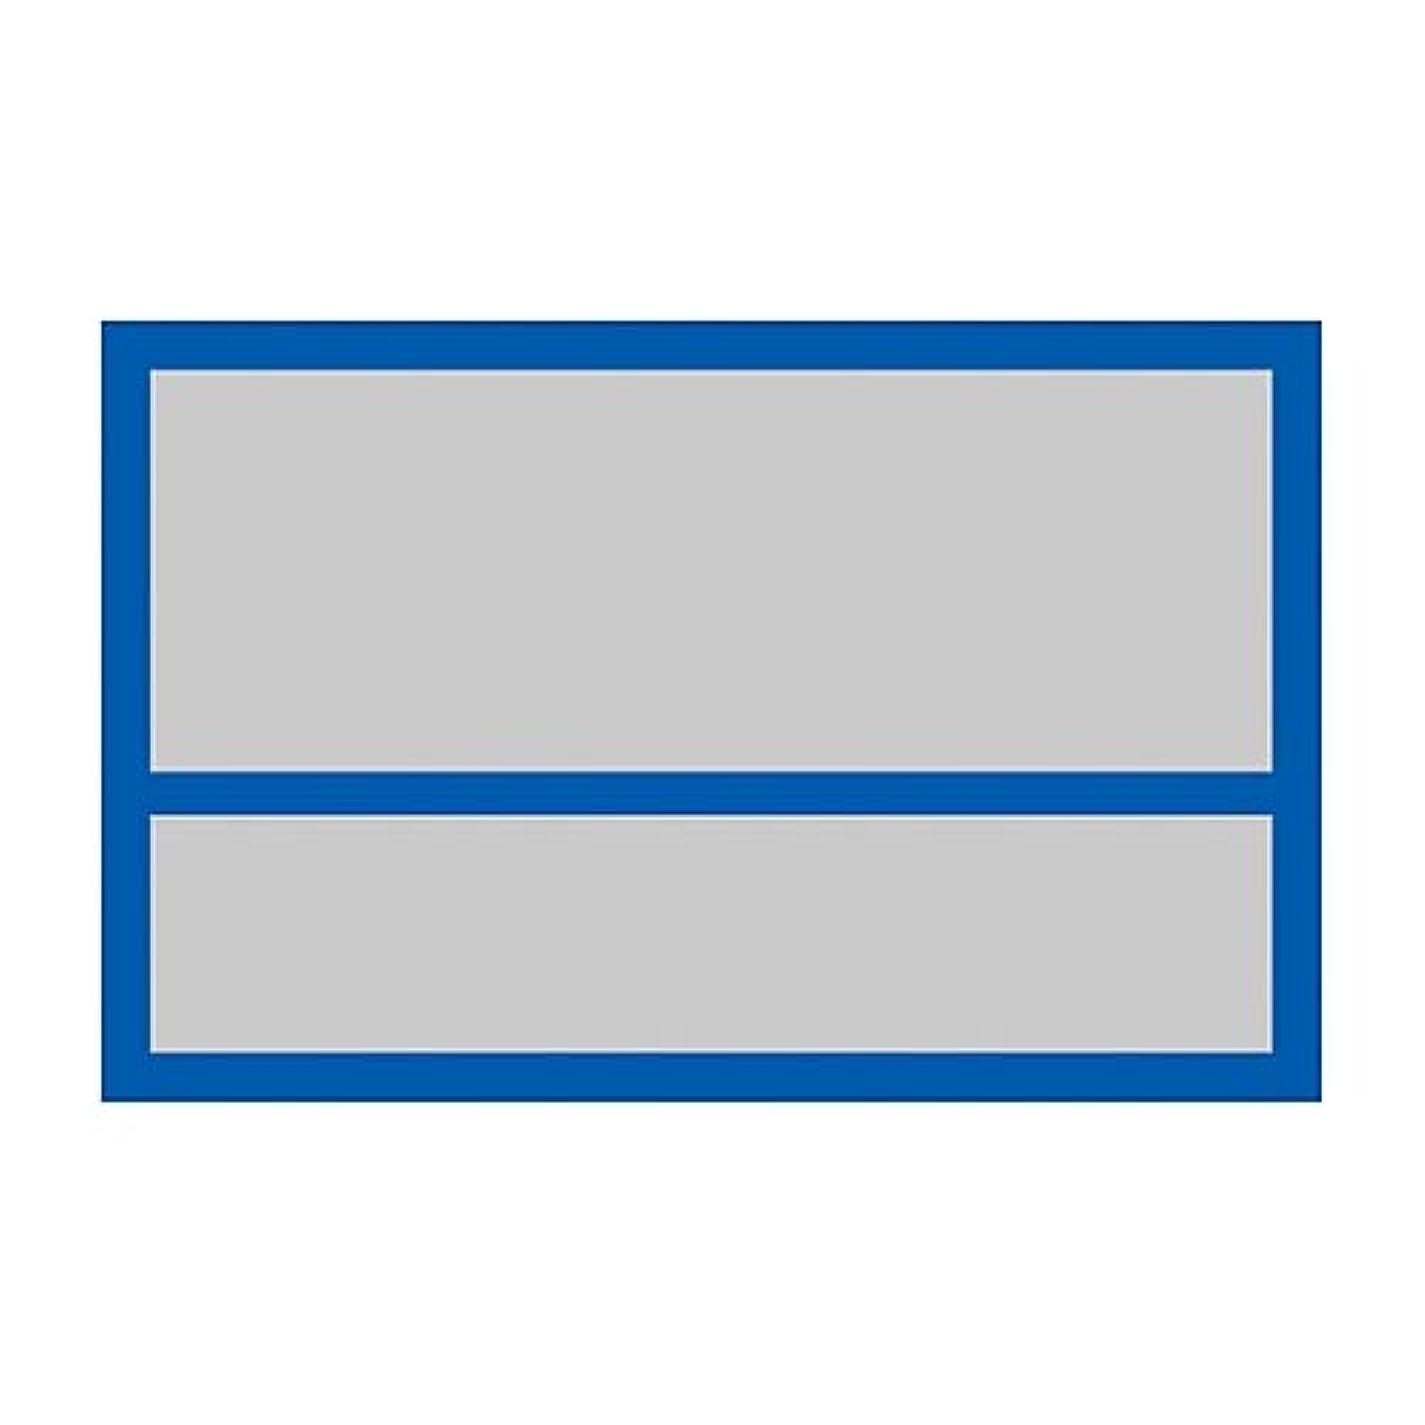 ピンク正統派歯科医ヘルメット用ステッカー HL-101/61-3421-39